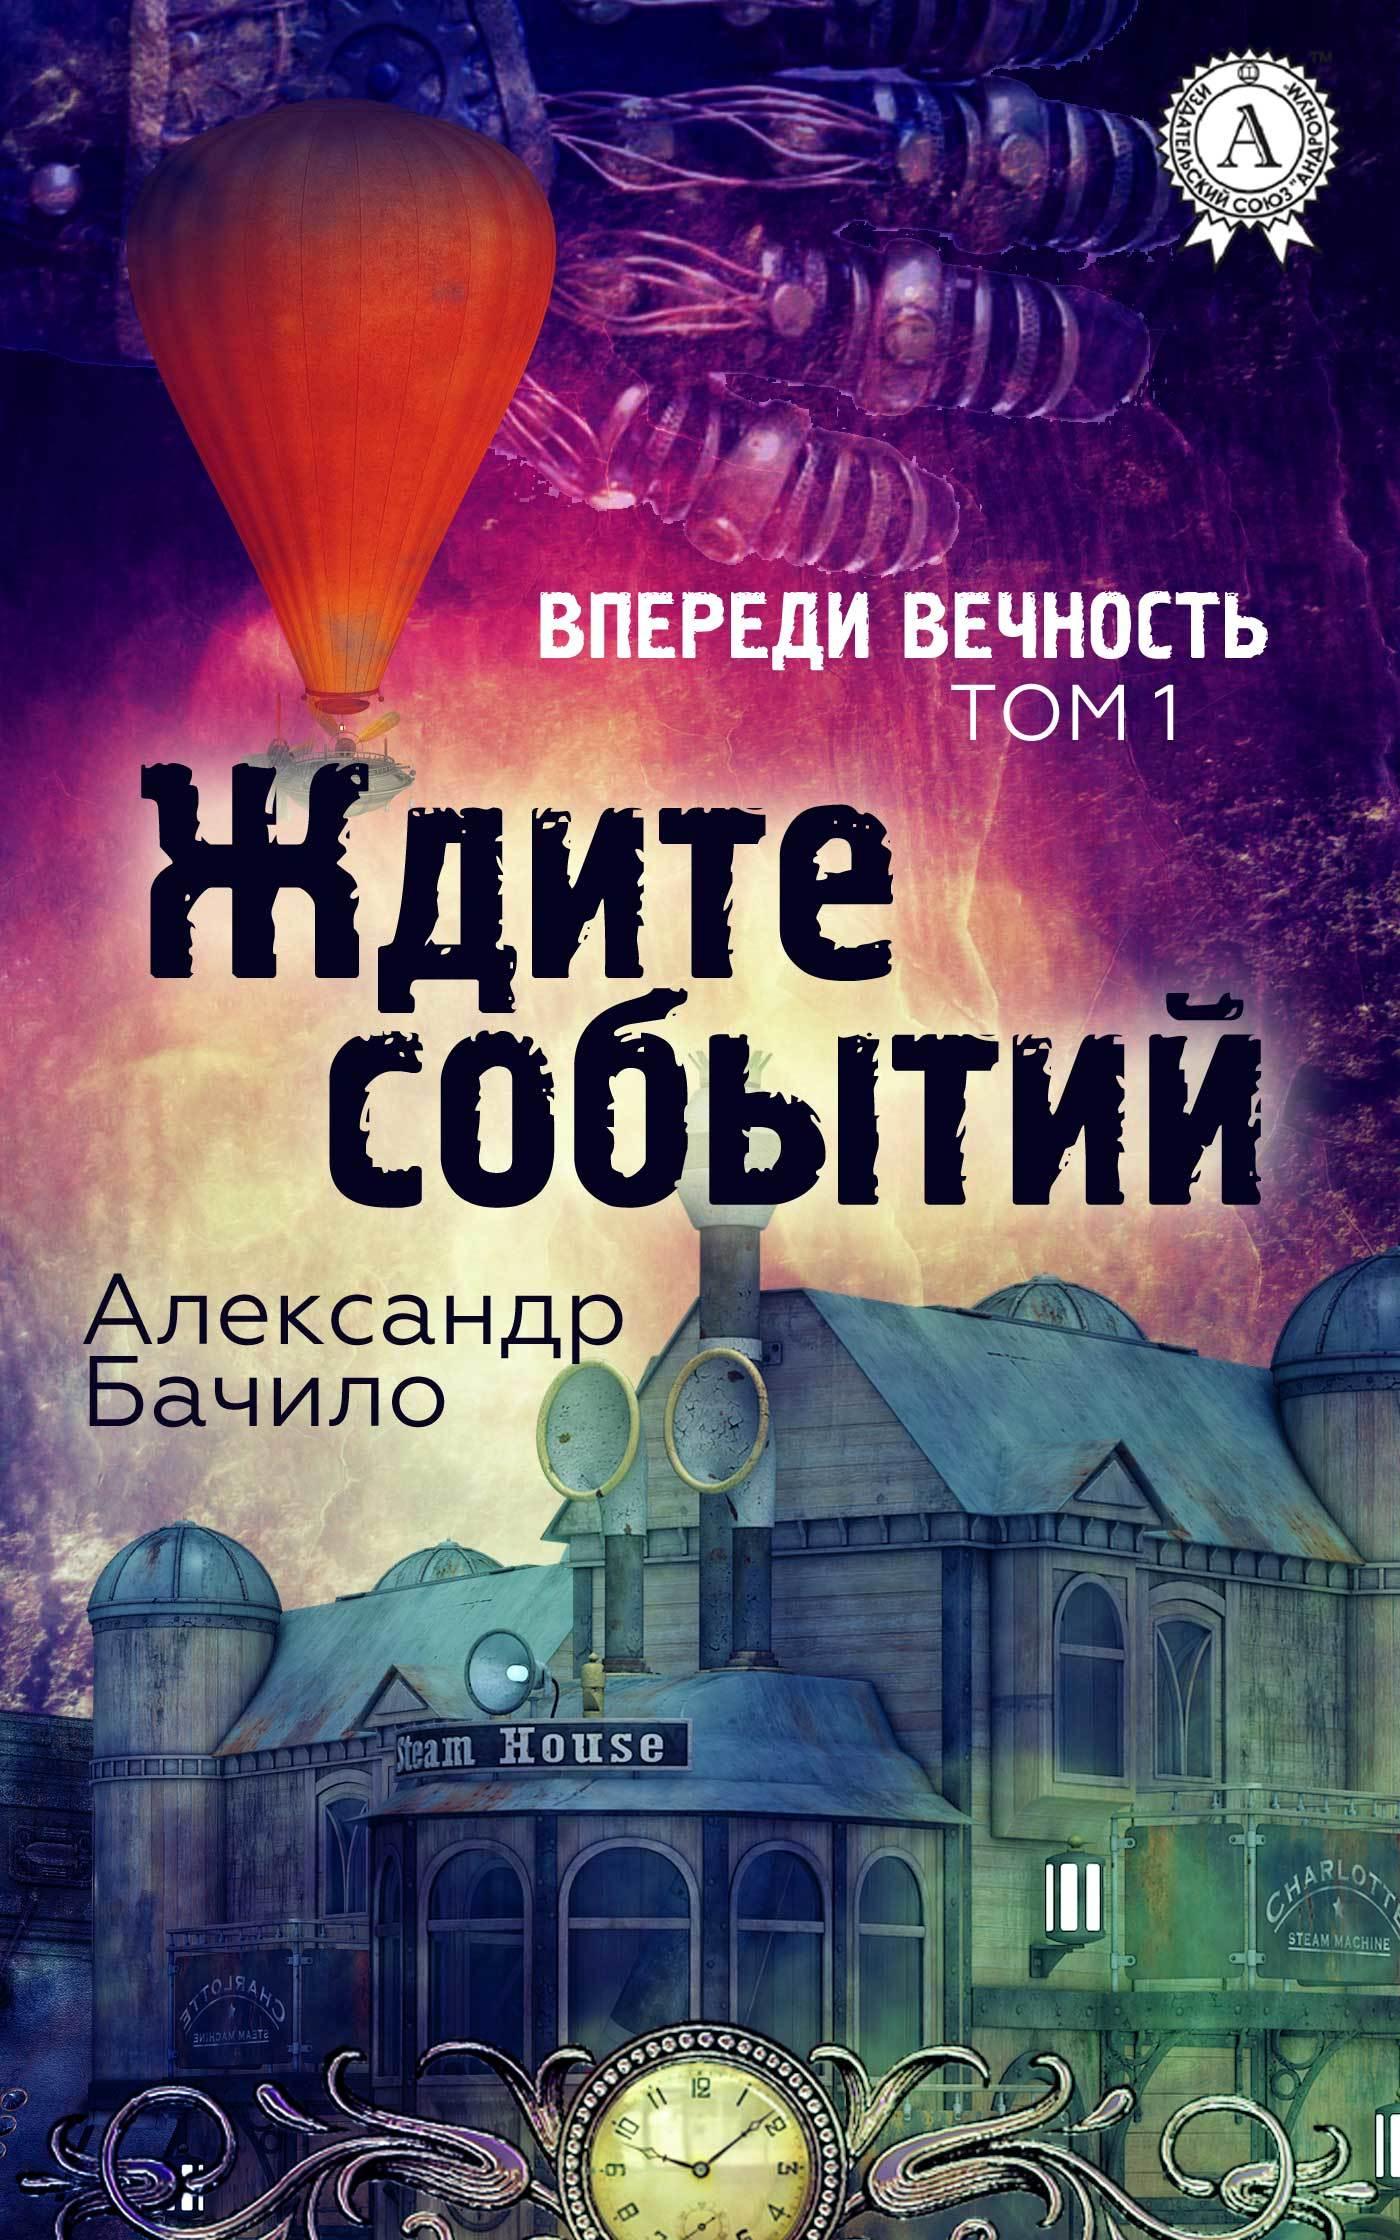 Александр Бачило Ждите событий